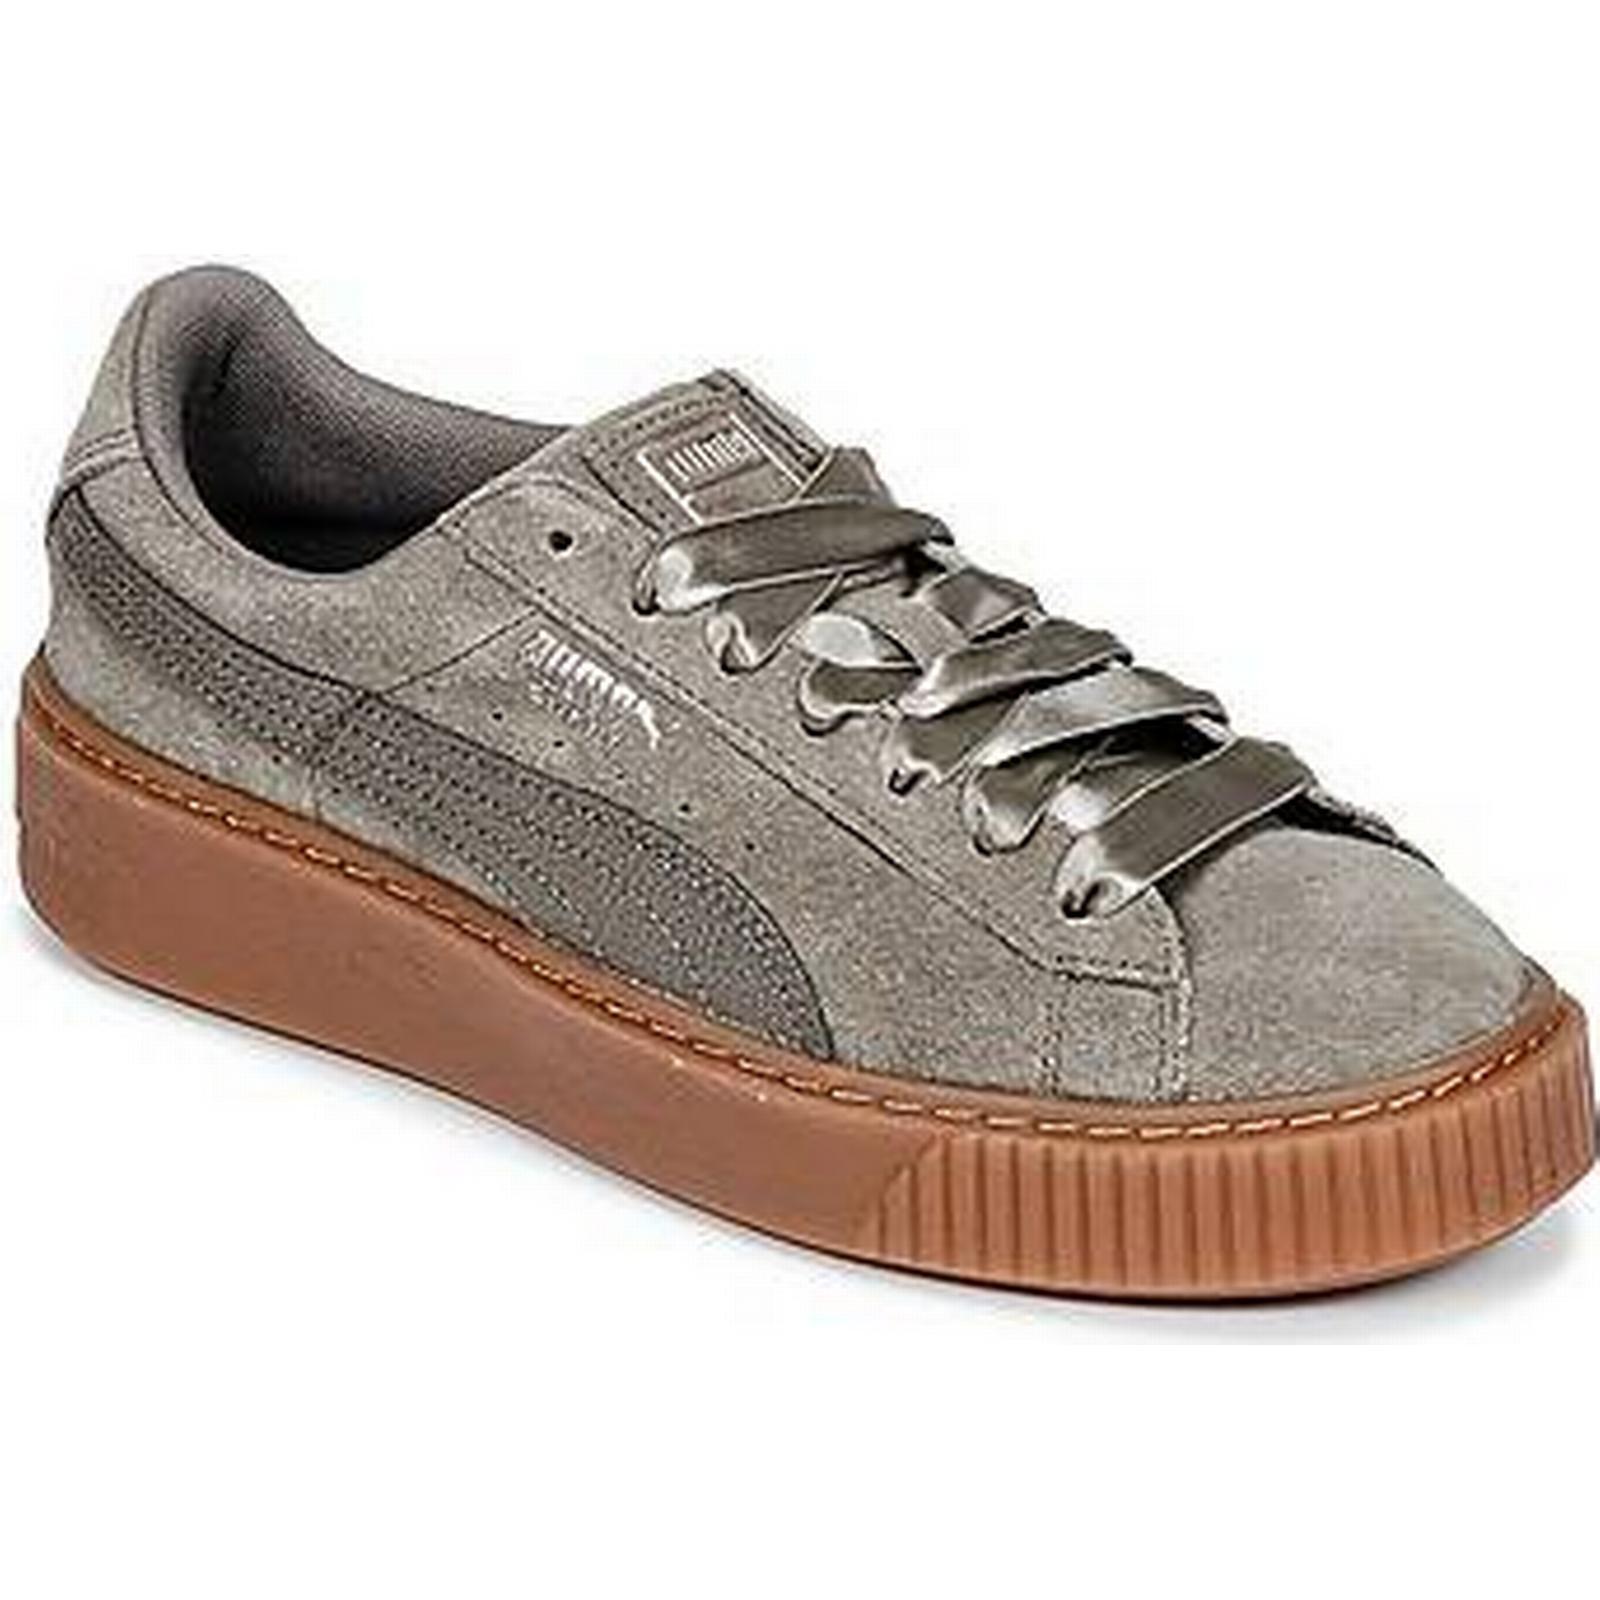 la plate - daim forme spartoo.co.uk puma en daim - bulle w & #  ; s les femmes et #  ; s Chaussure s formateurs en gris 03d205